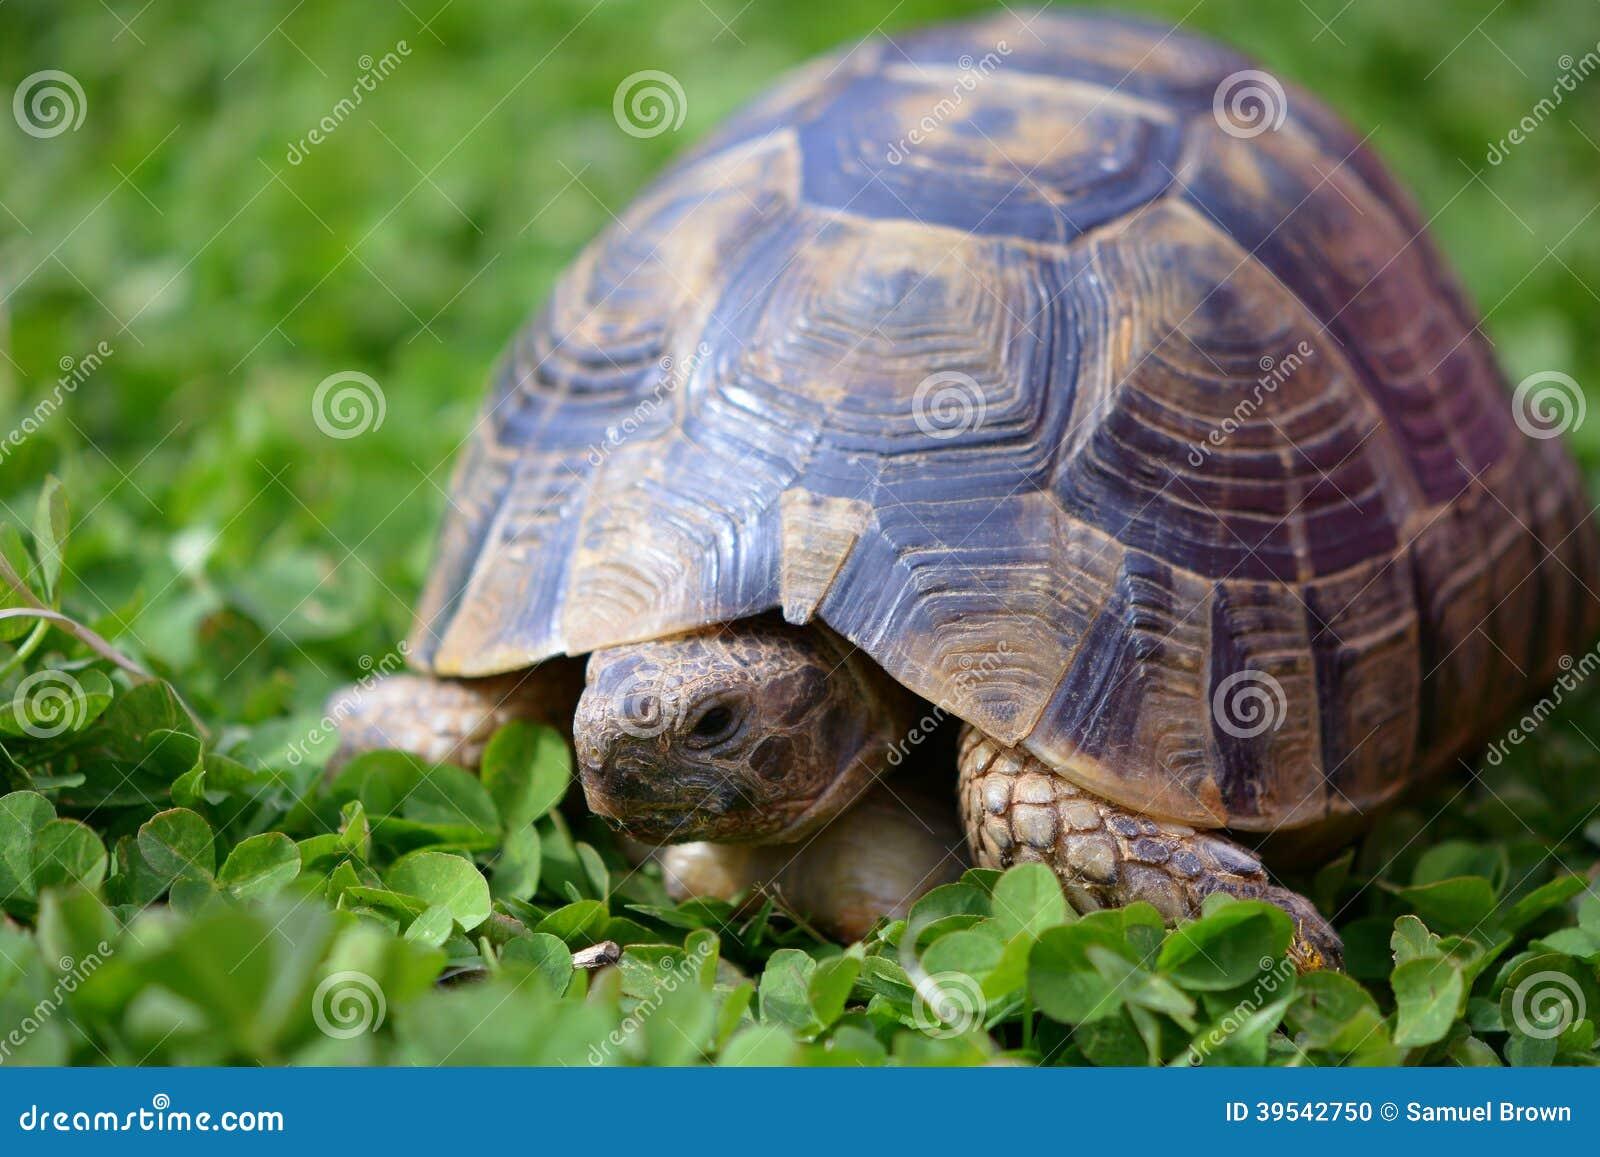 Греческая черепаха в клевере